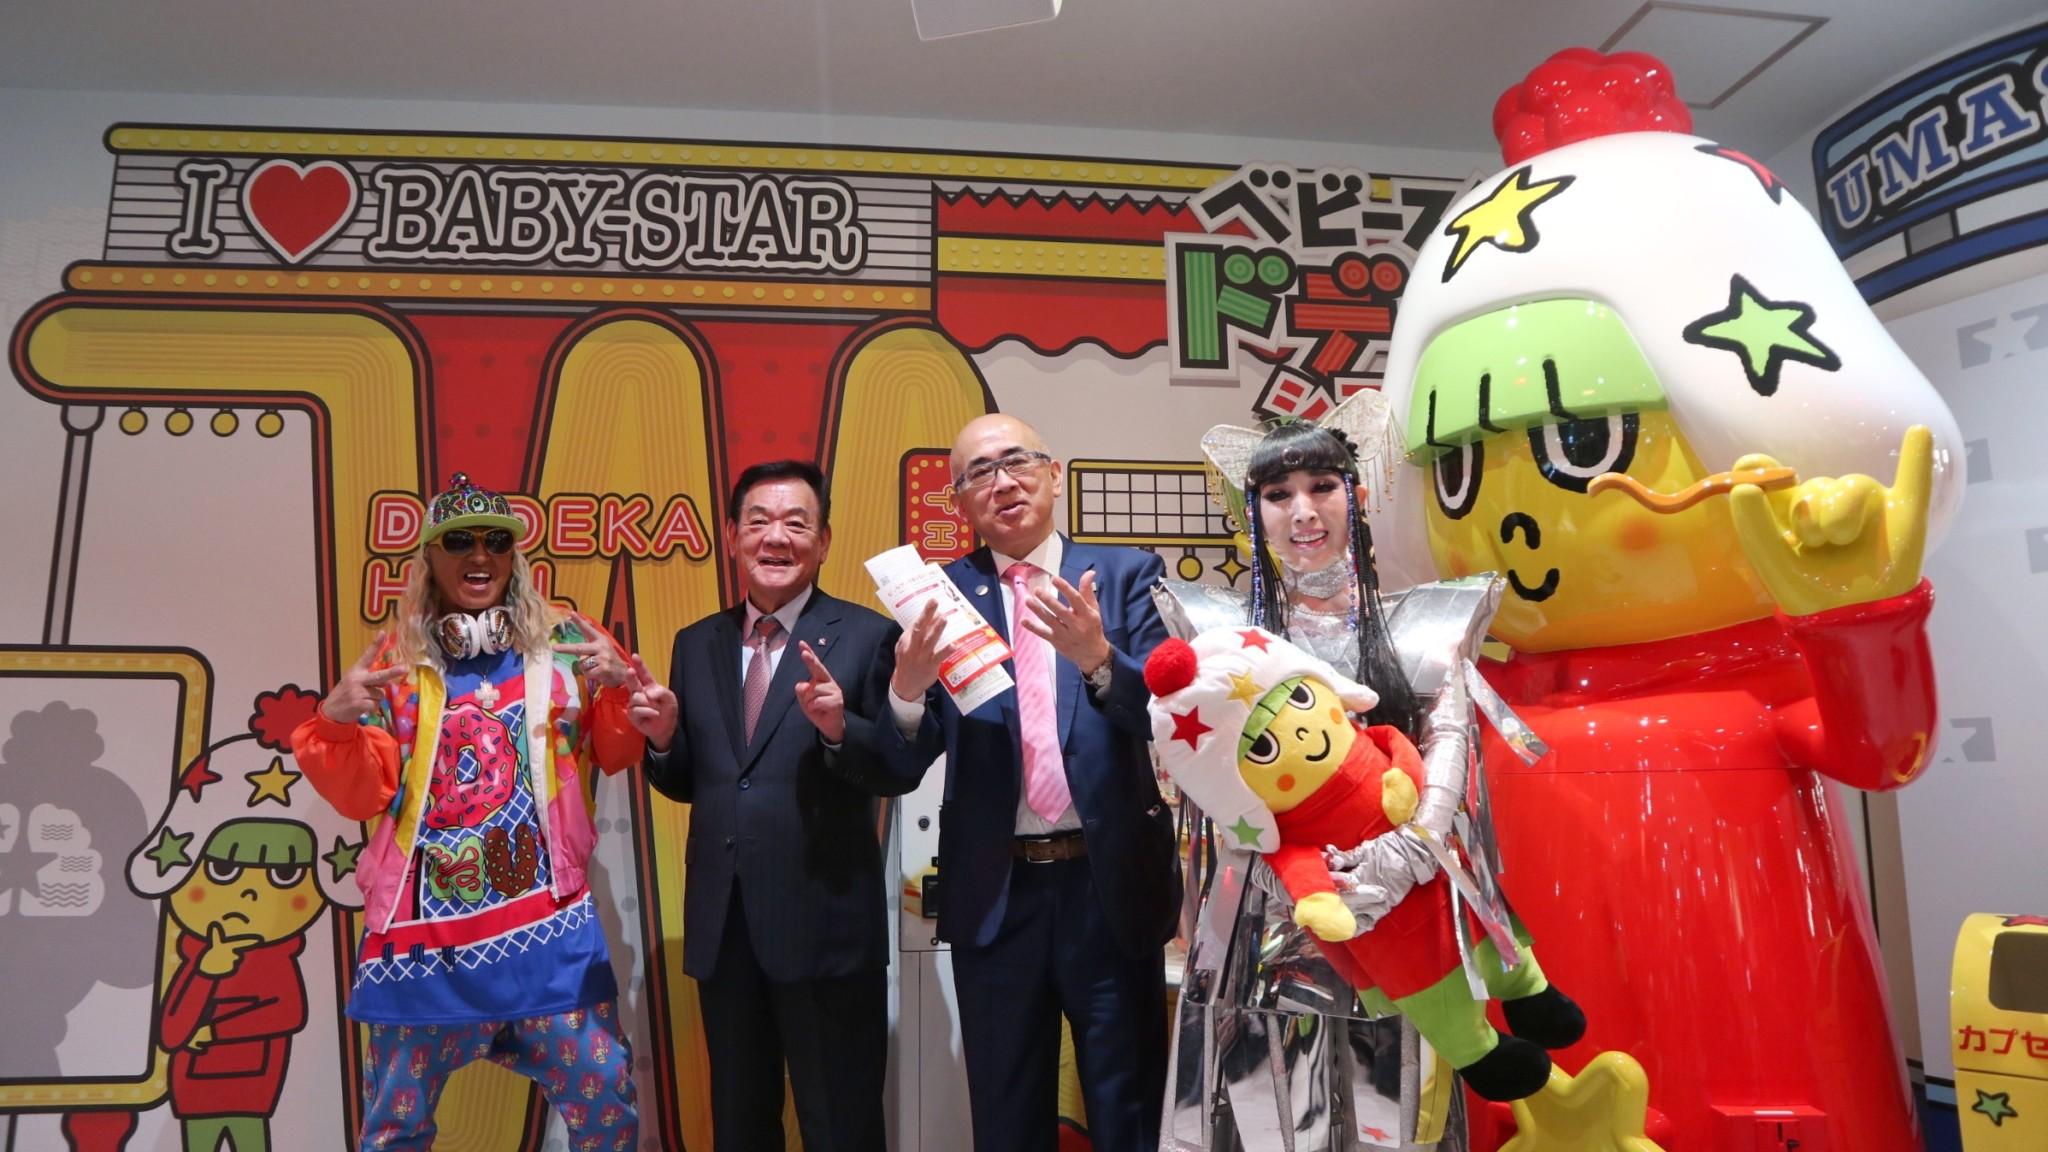 友達、親子でも楽しめるおでかけスポット!【大阪】ベビースターラーメンのテーマパーク〈リトルおやつタウン Namba〉がオープン。